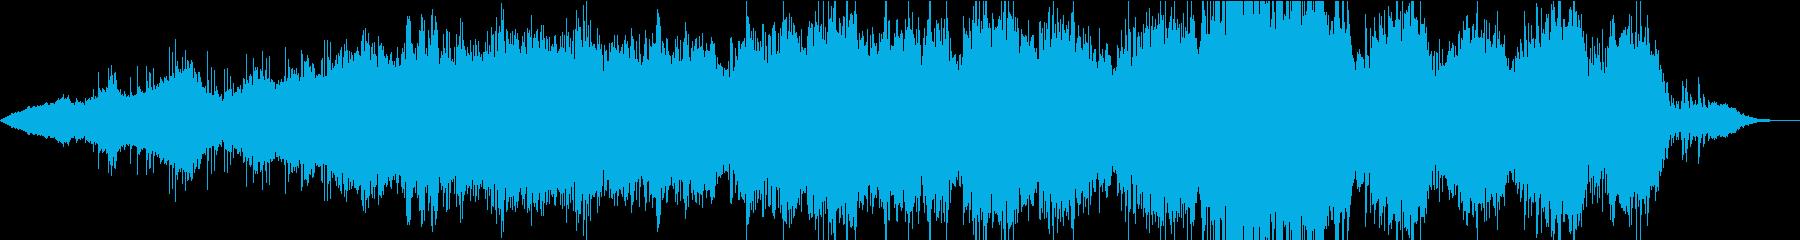 歌ありの打ち込み曲の再生済みの波形